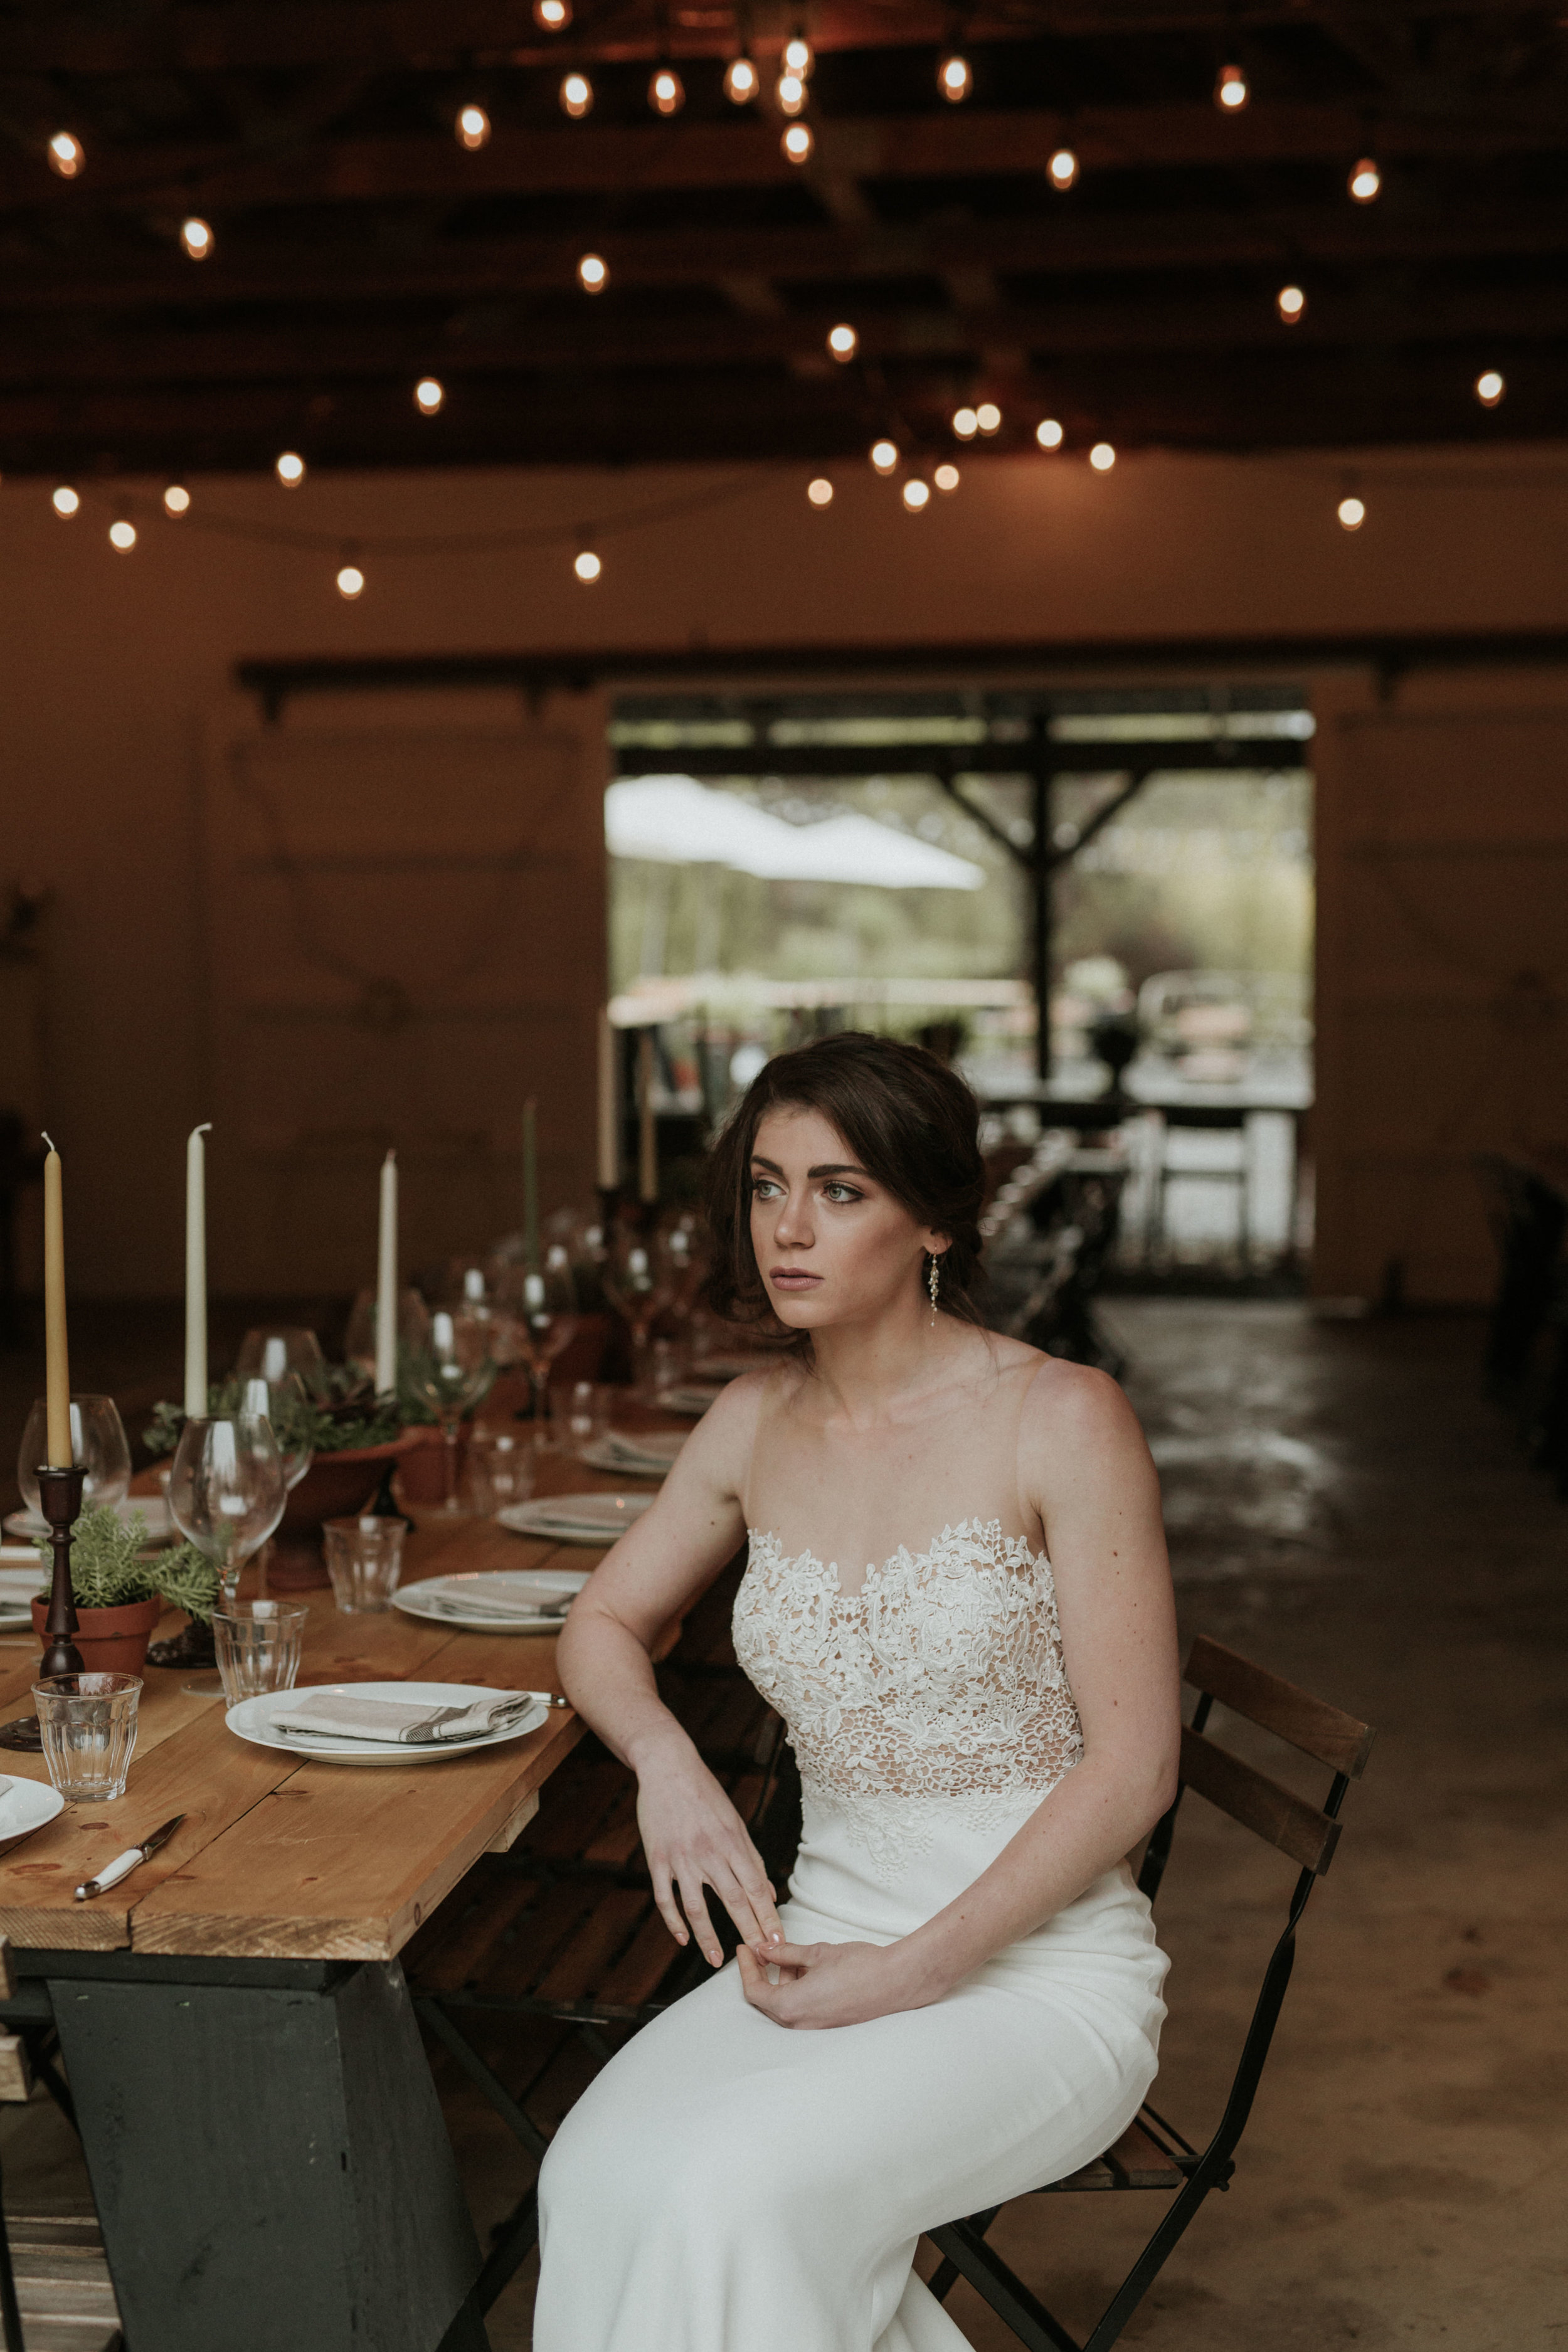 mnd_farm_westerlo_wedding0018.JPG